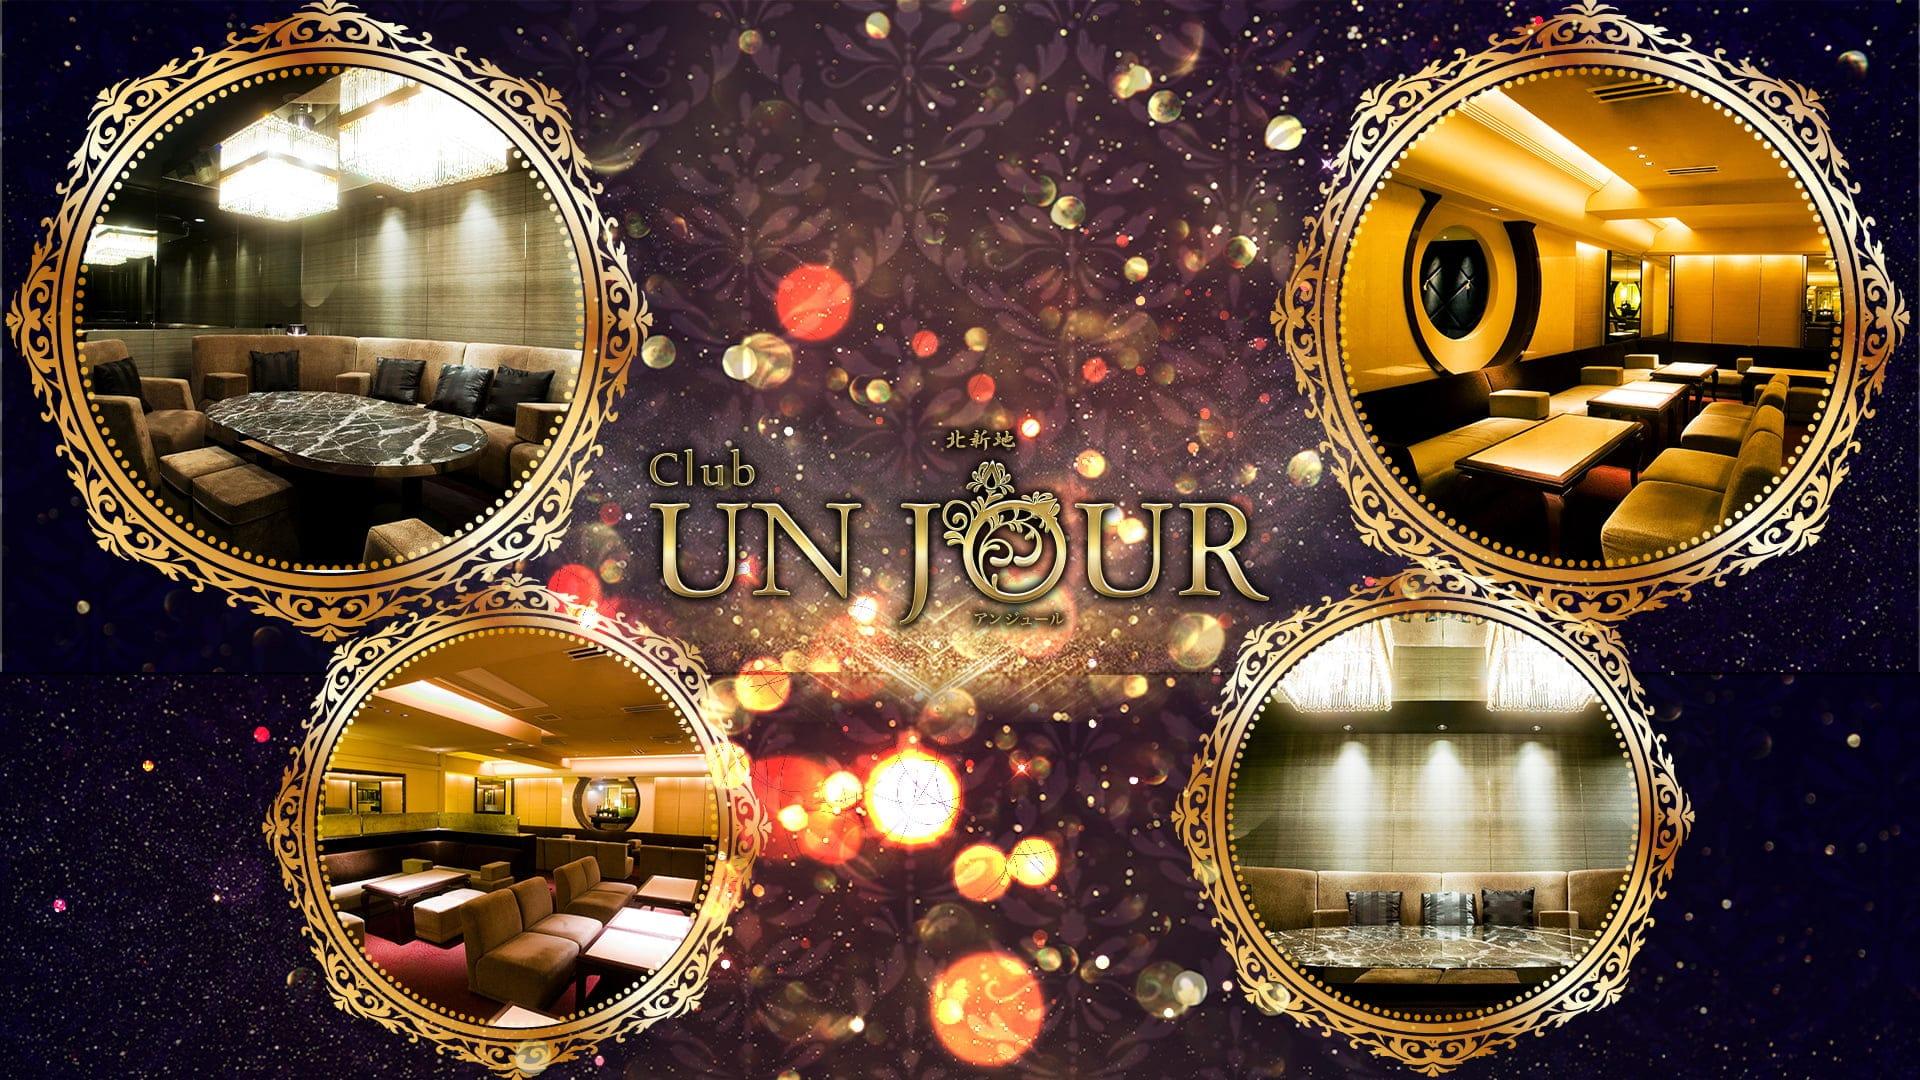 【北新地】Club UNJOUR (アンジュール)【公式求人・体入情報】 三宮ニュークラブ TOP画像